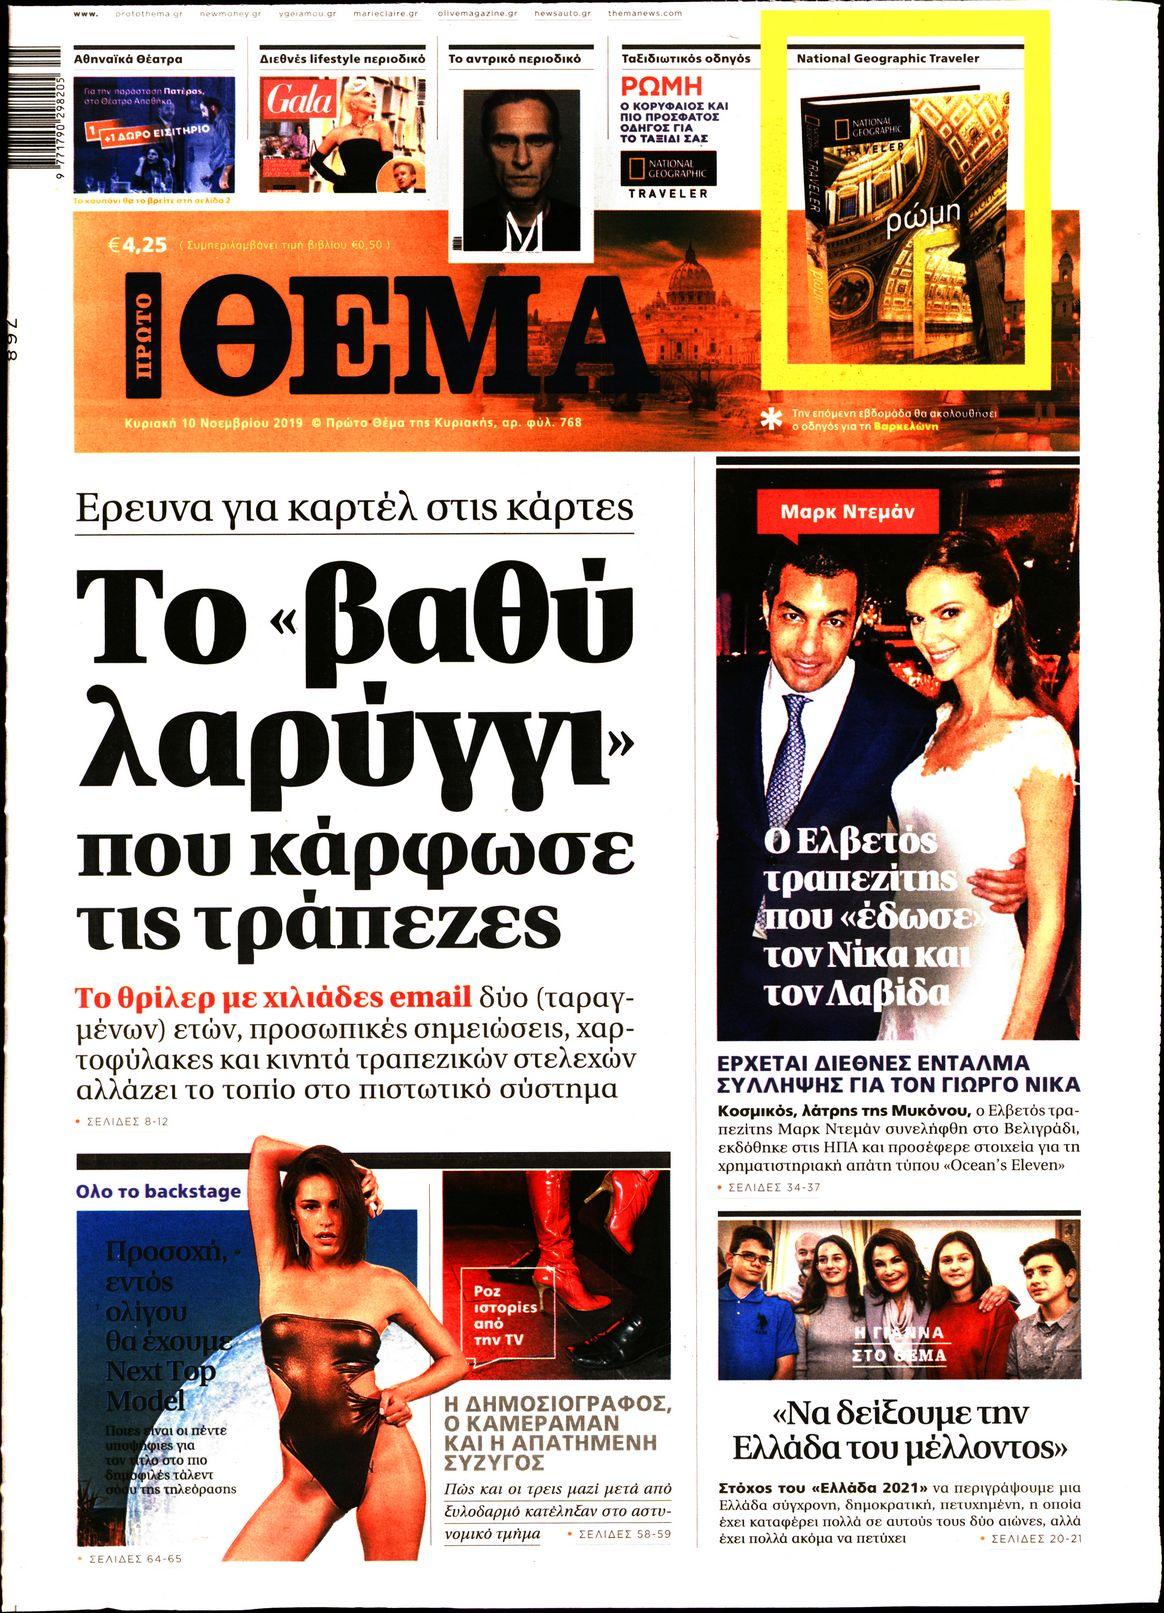 Κυριάκατικες εφημερίδες: Δείτε τα πρωτοσέλιδα σήμερα 10 Νοεμβρίου και τα madata της ημέρας